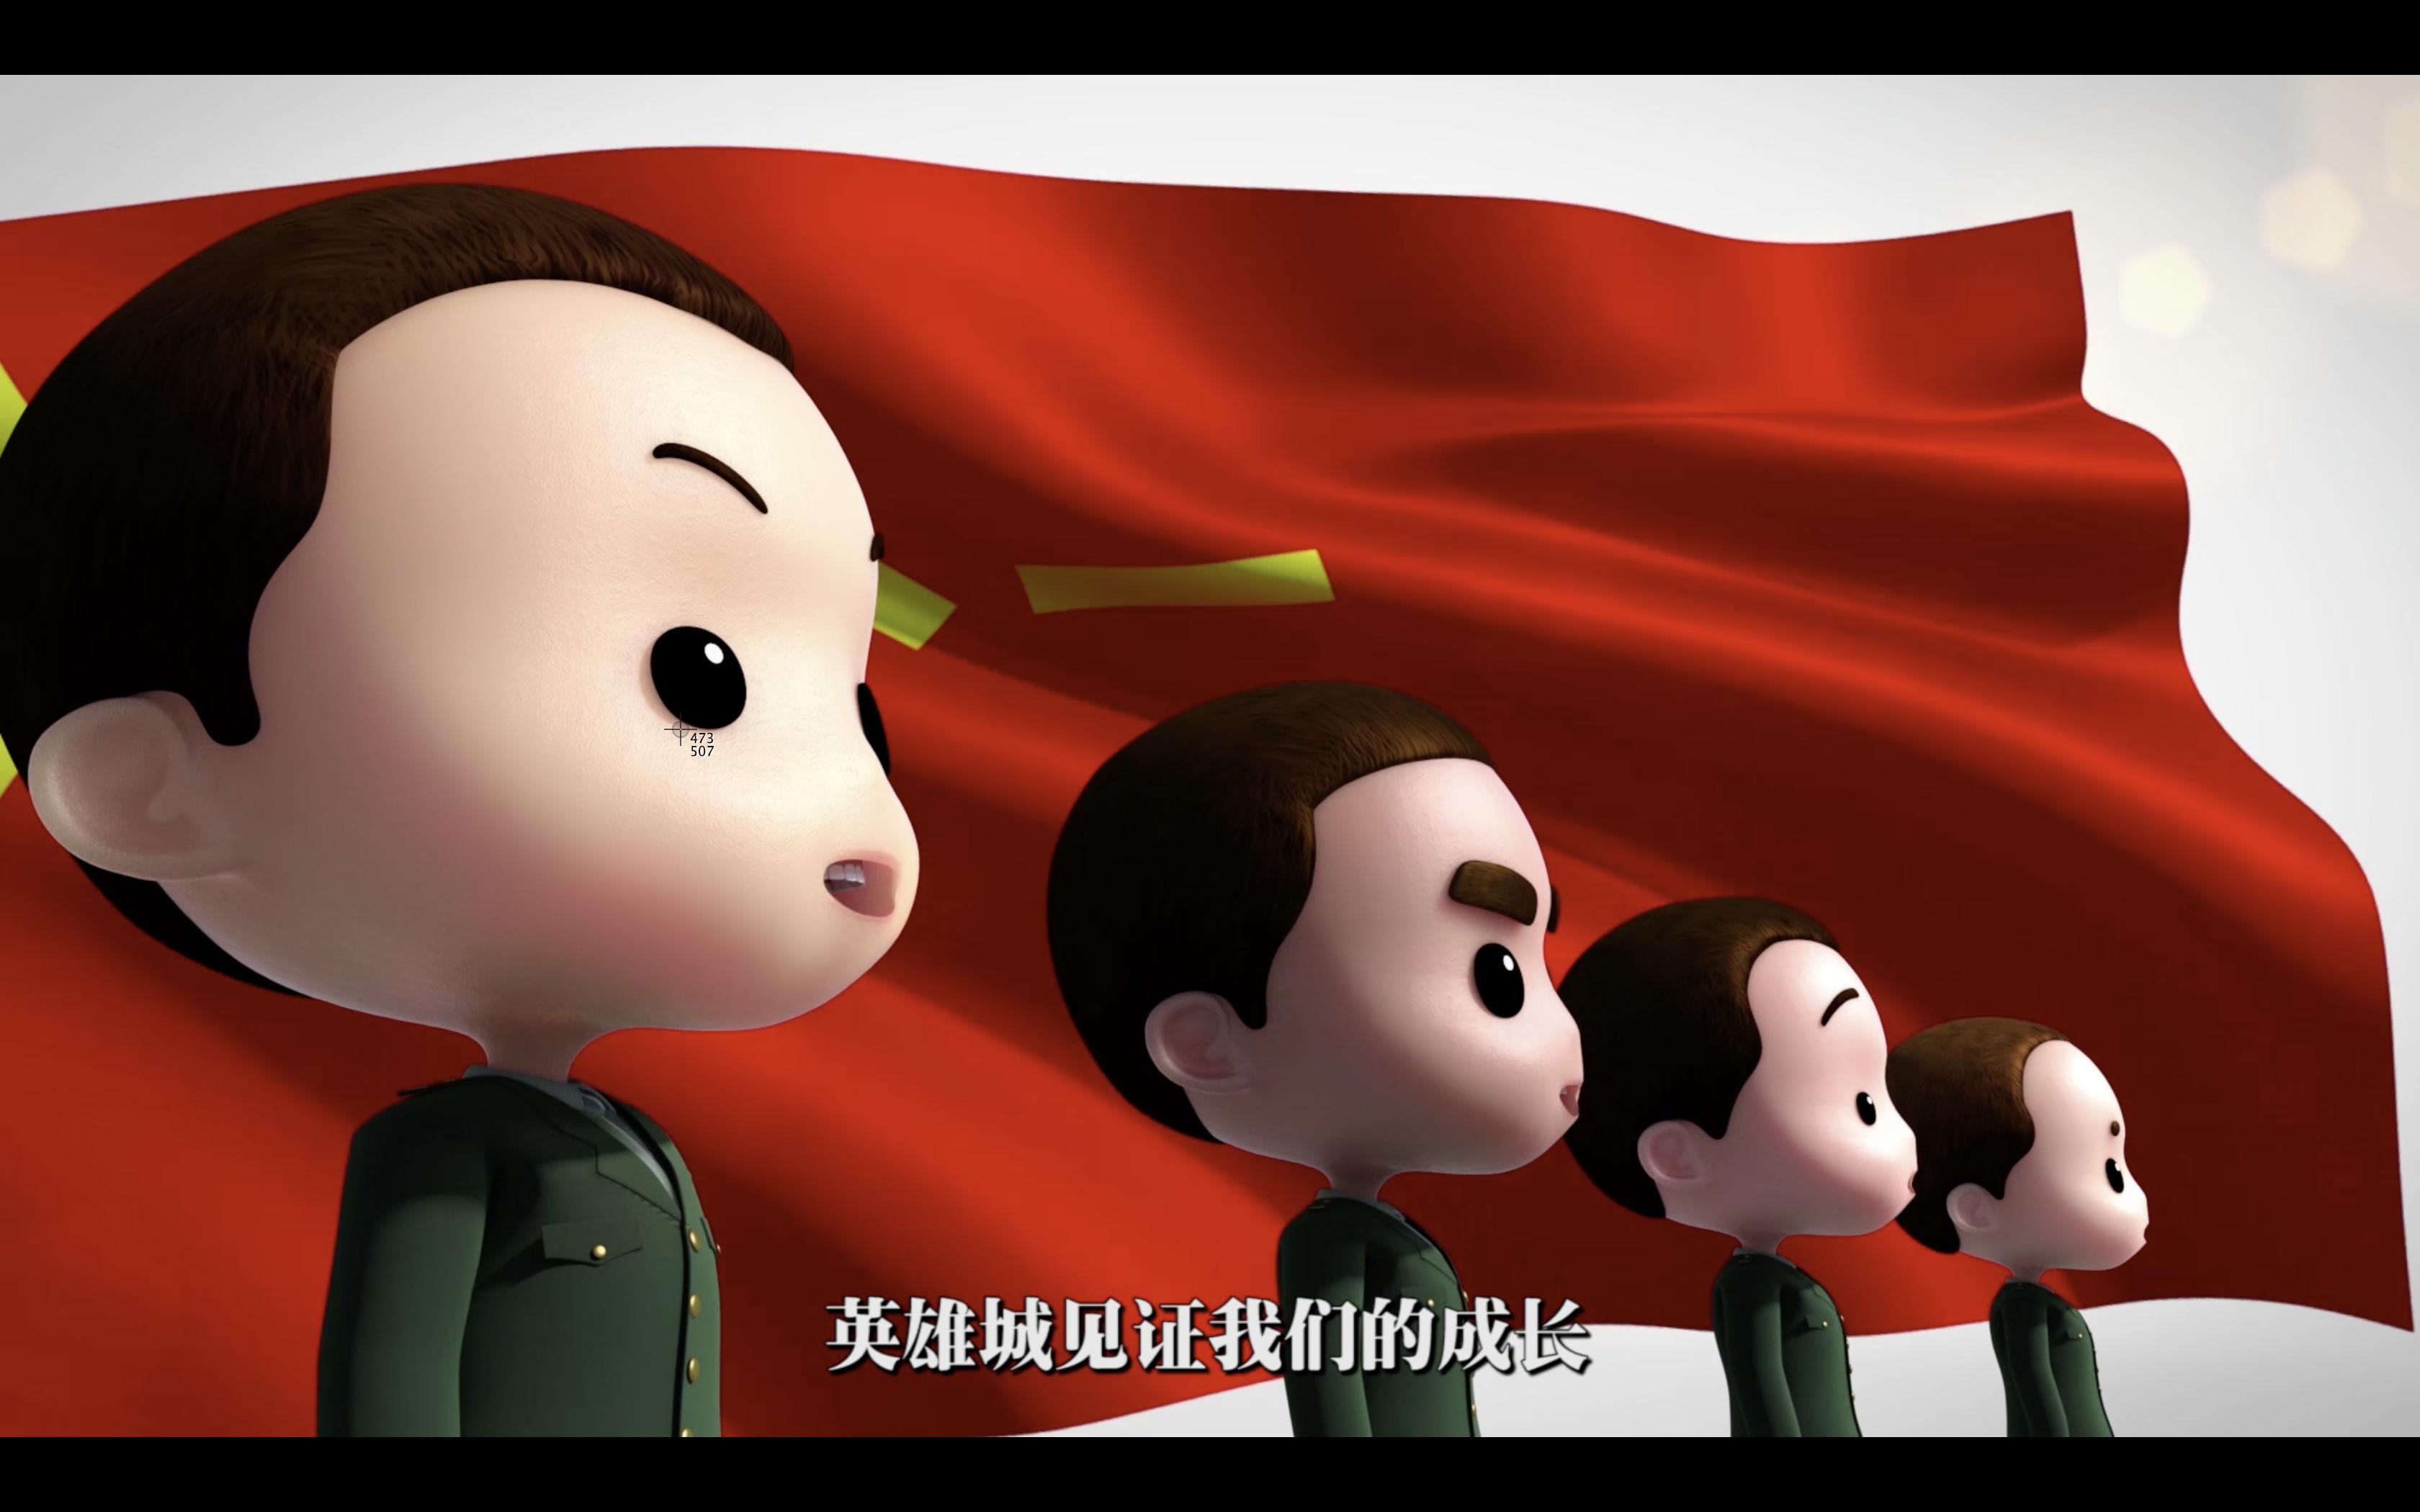 军营梦-南昌市征兵办宣传动画片